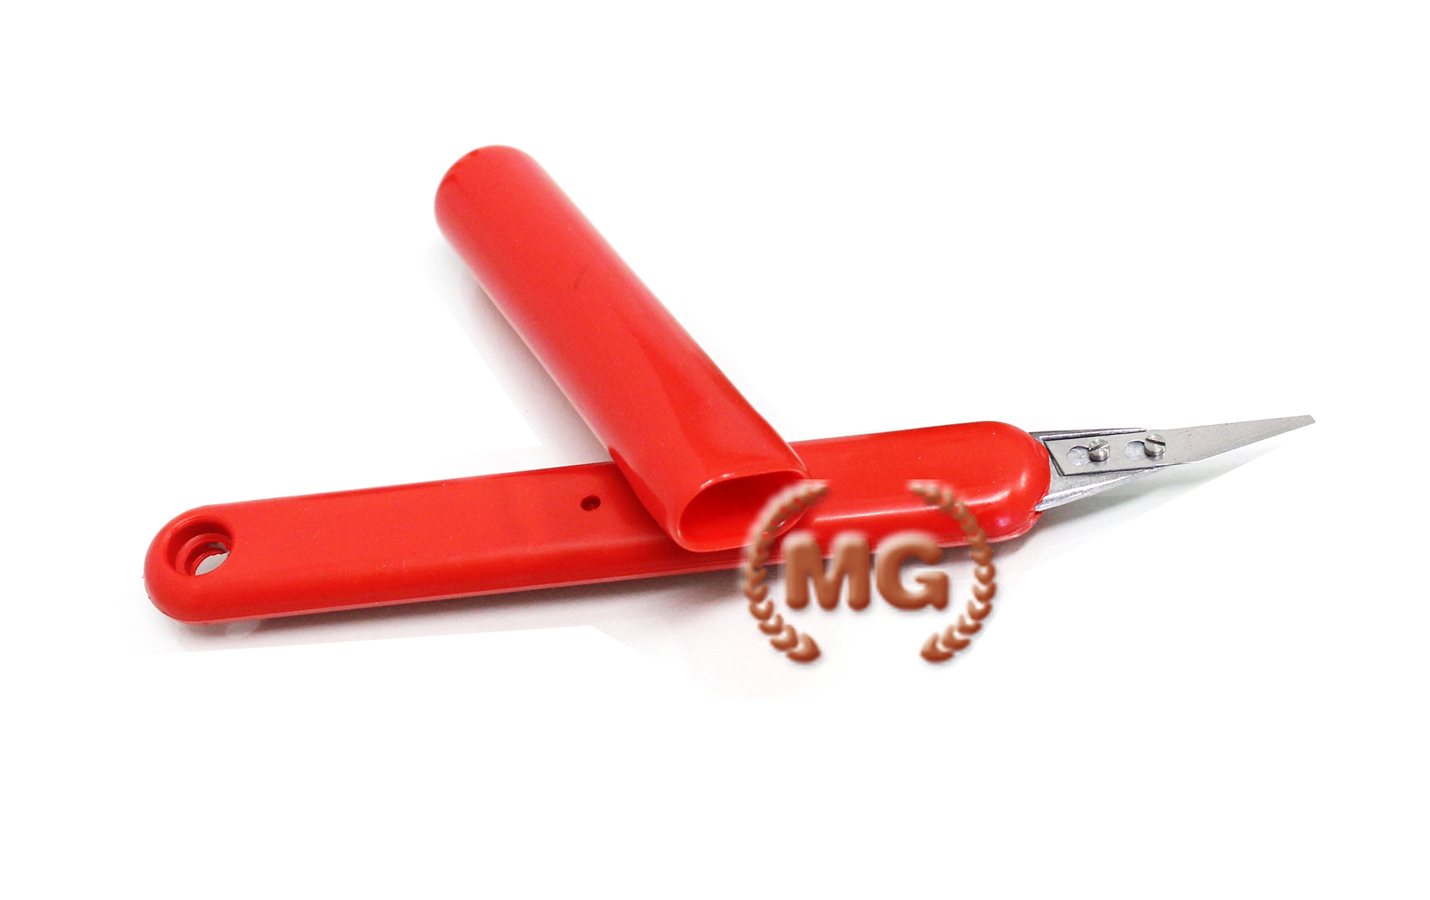 Coltello con lame in acciaio per tagliare su cuoio in maniera precisa e sopraffina